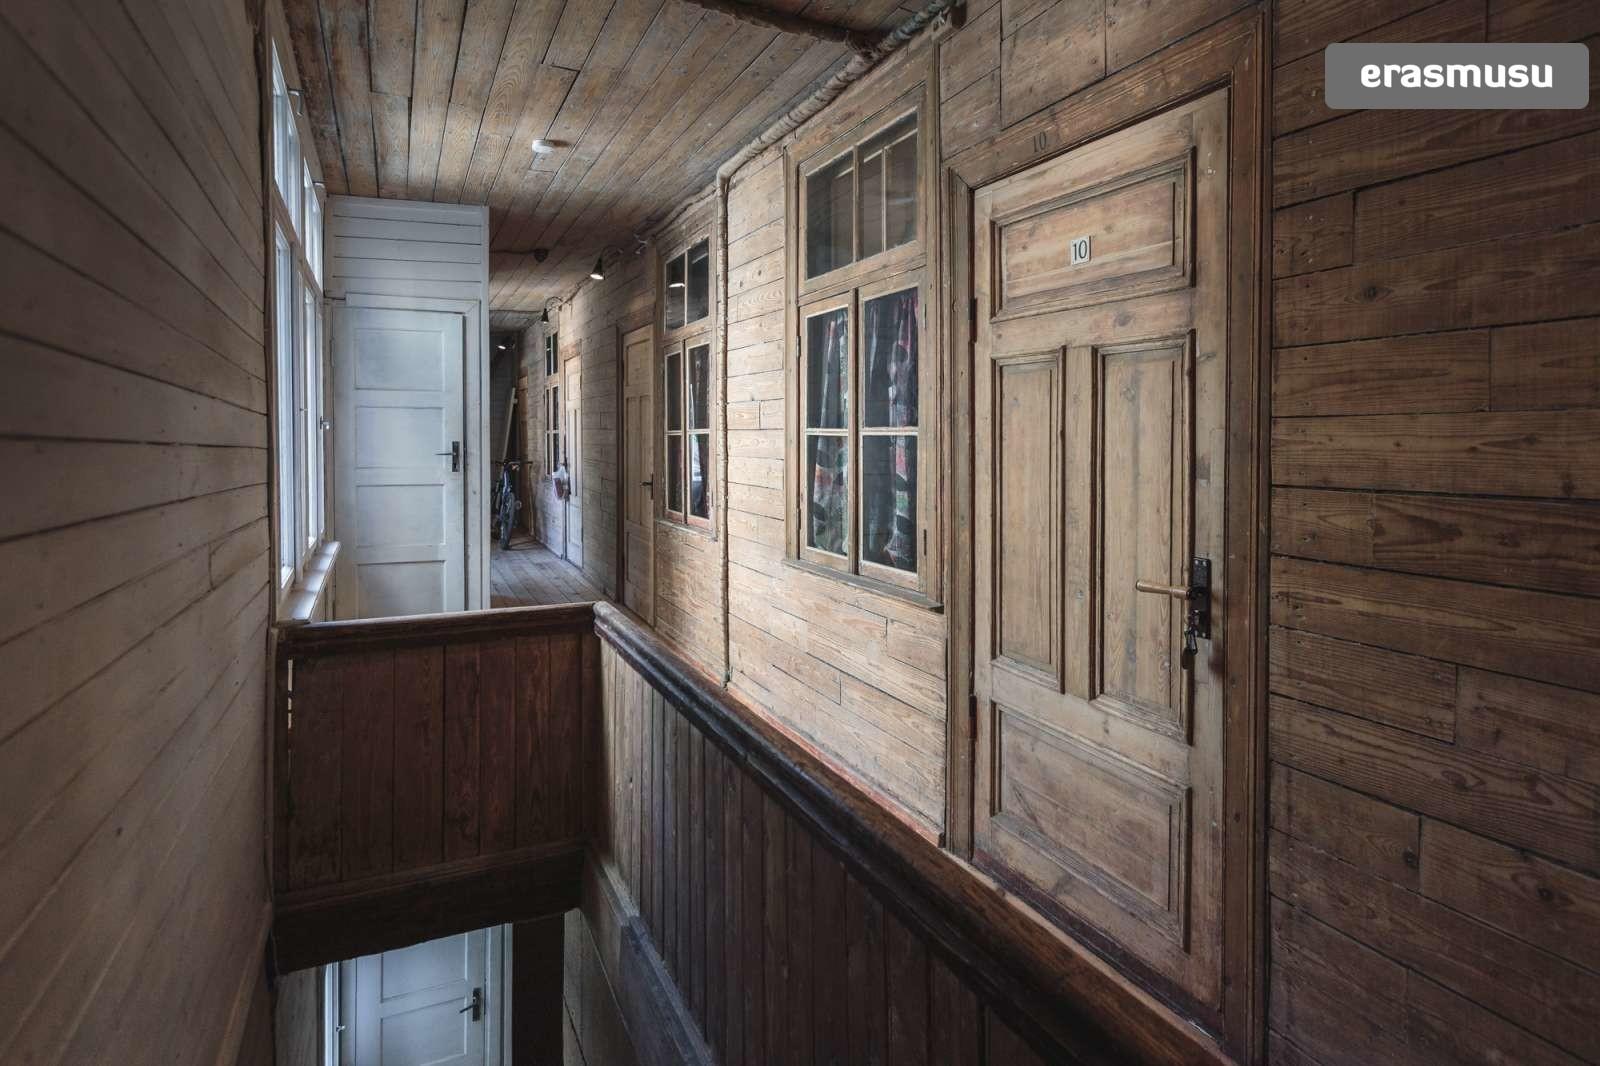 charming-studio-apartment-rent-agenskalns-pet-friendly-5e2ed2b73